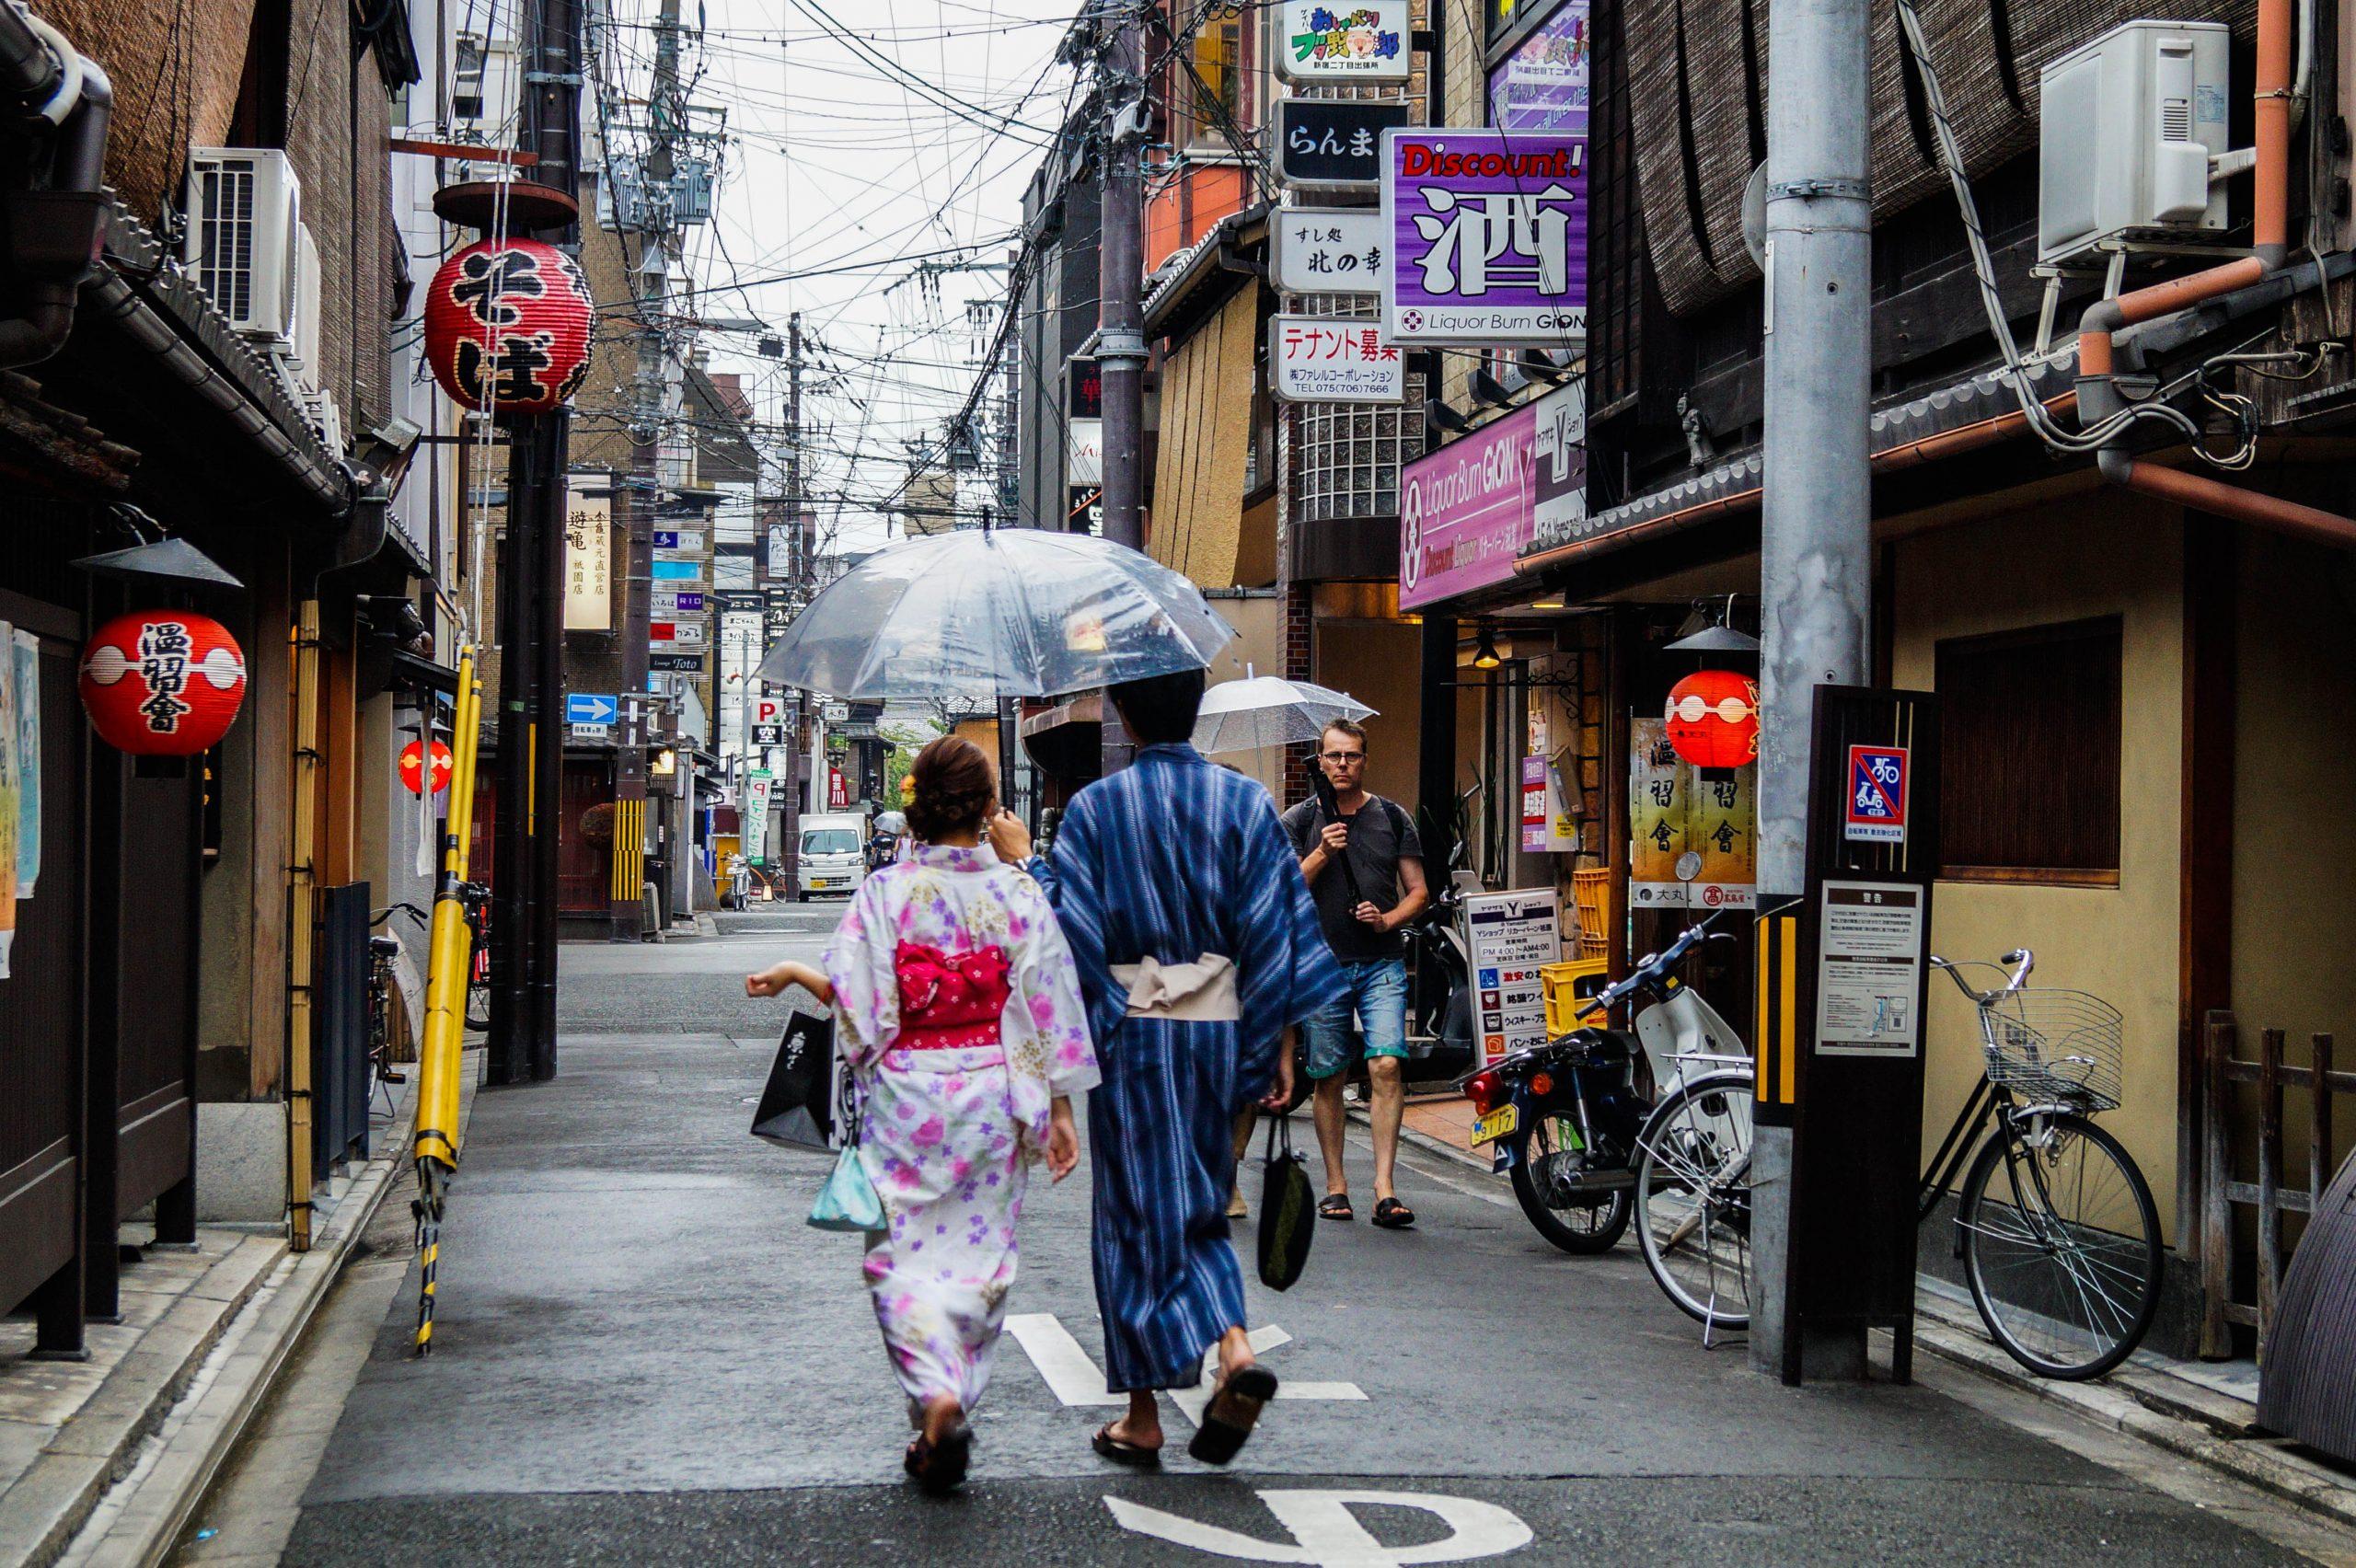 Japon-Gion-Que ver en Kioto